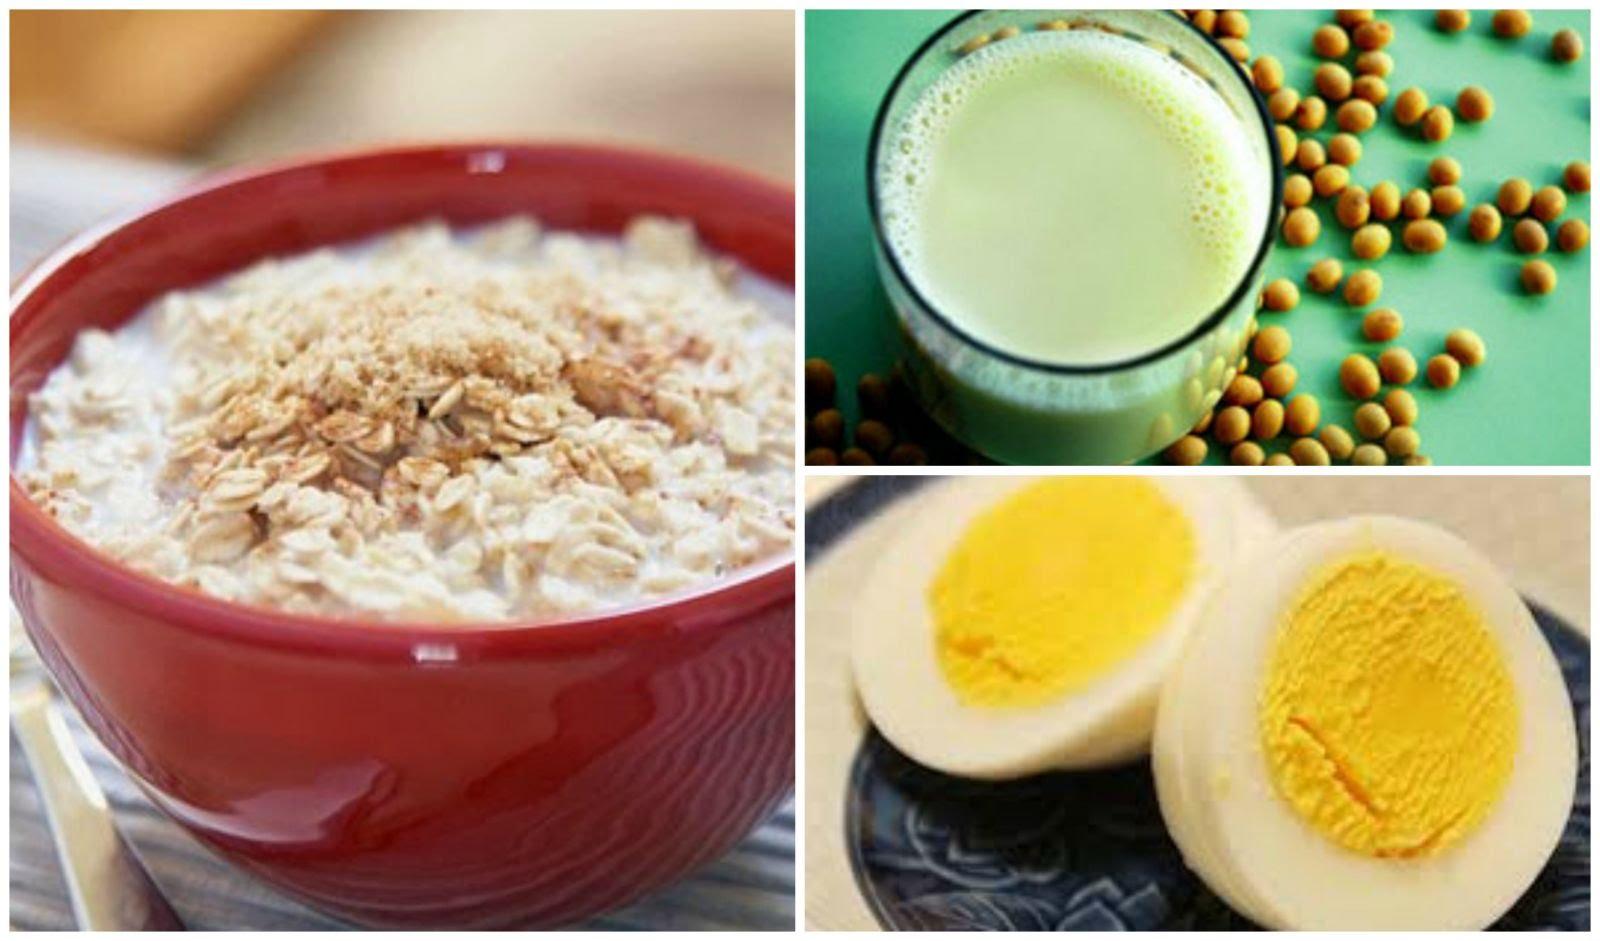 Chế độ ăn bột yến mạch giảm cân